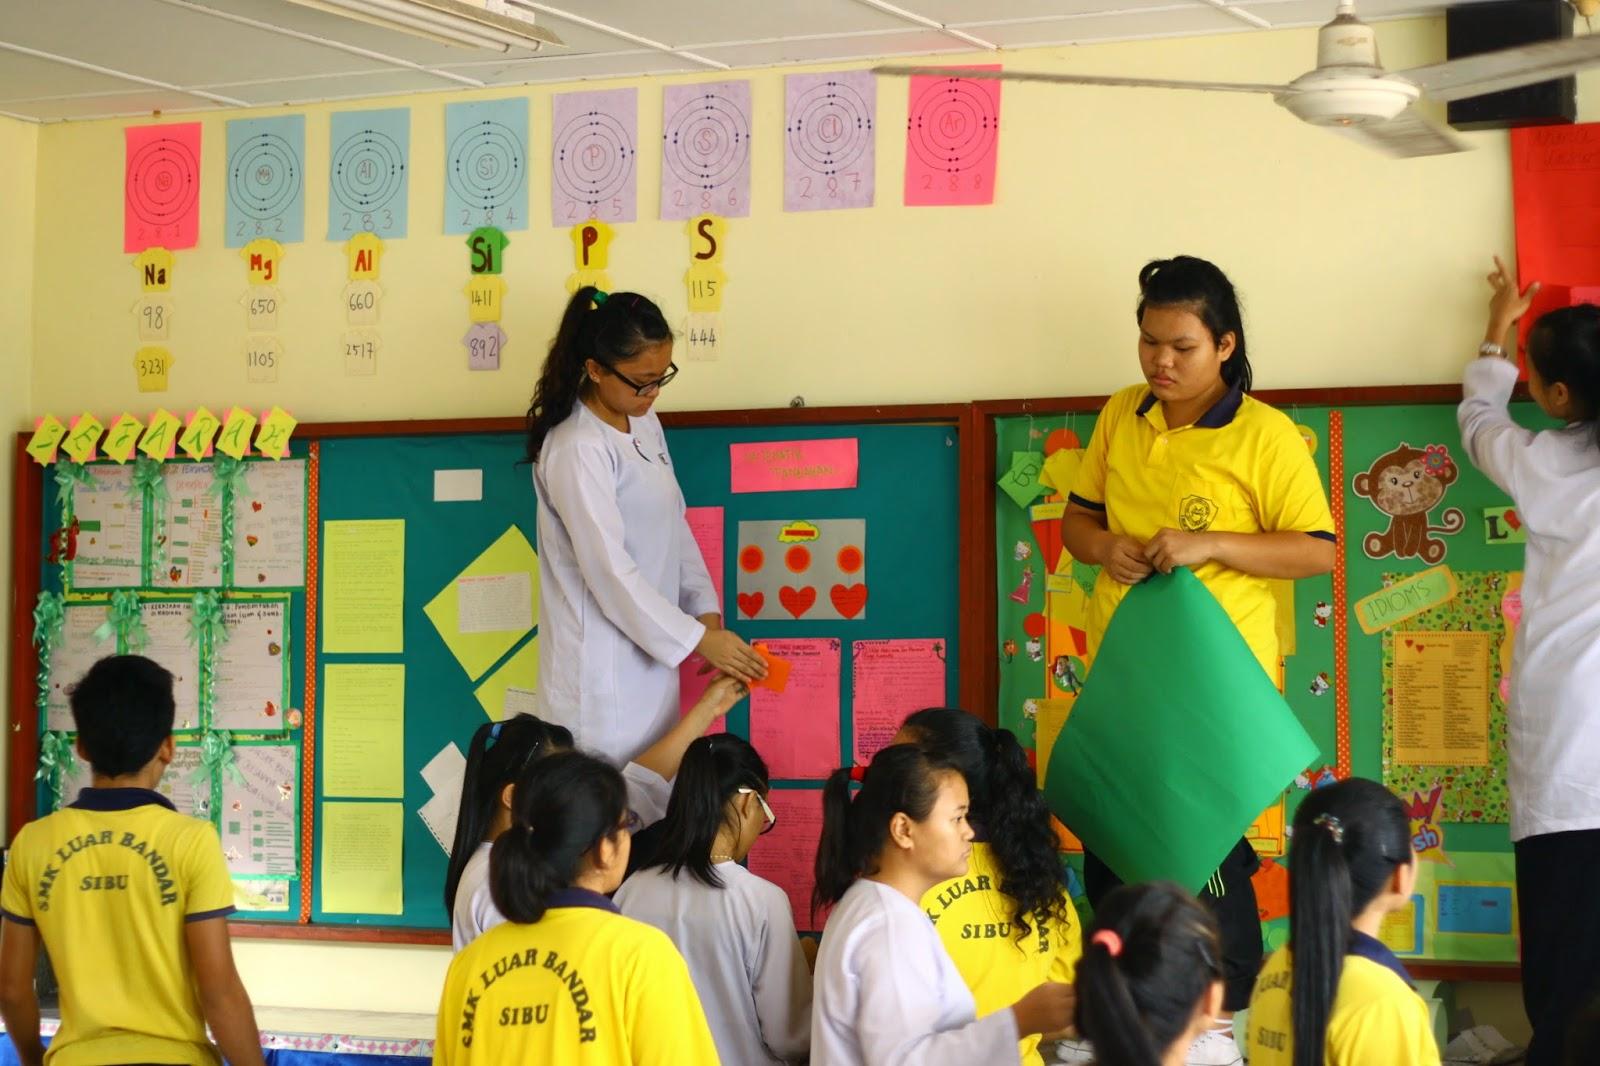 Aktiviti Pembentangan Kimia : Bab 4 - Jadual Berkala